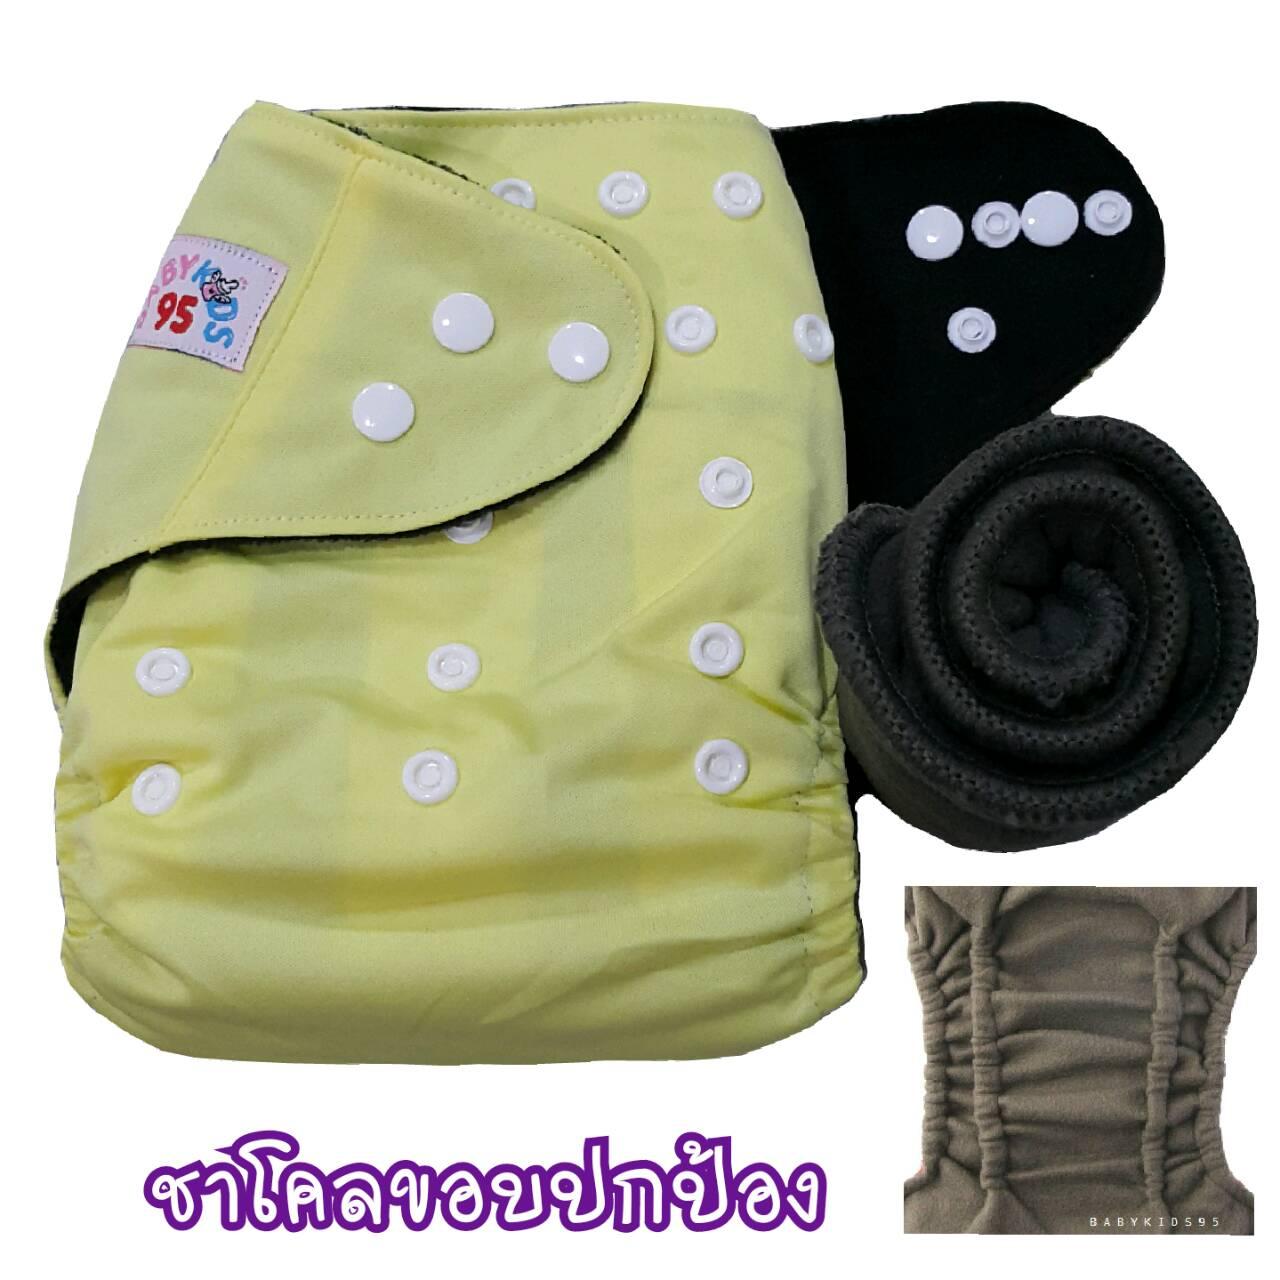 กางเกงผ้าอ้อมชาโคลขอบปกป้อง-สีพื้น แถมแผ่นซับชาโคล5ชั้น - Light Yellow